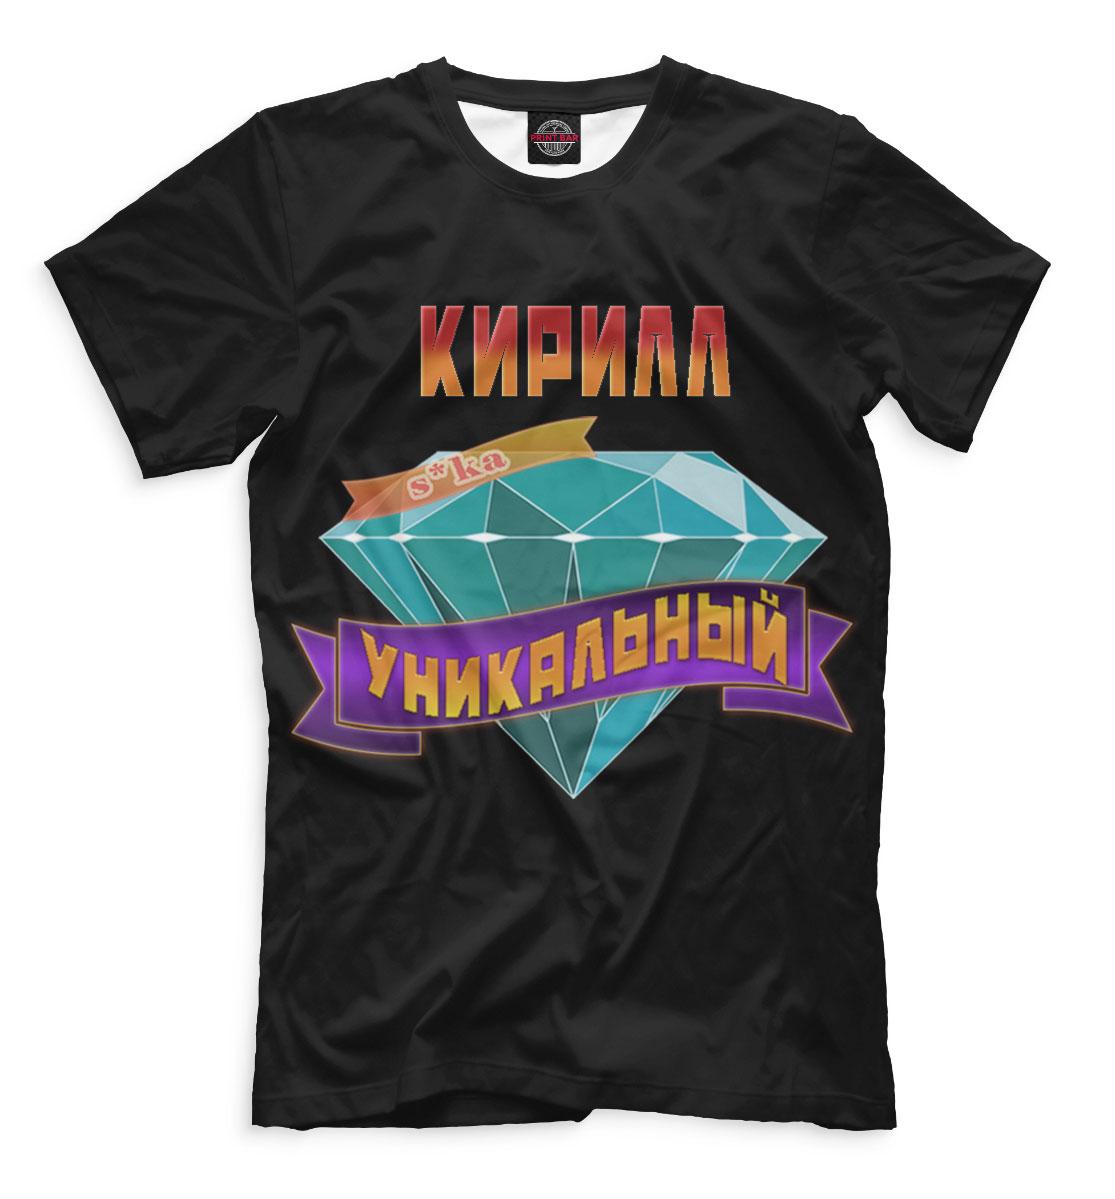 Купить Уникальный Кирилл, Printbar, Футболки, KIR-551747-fut-2